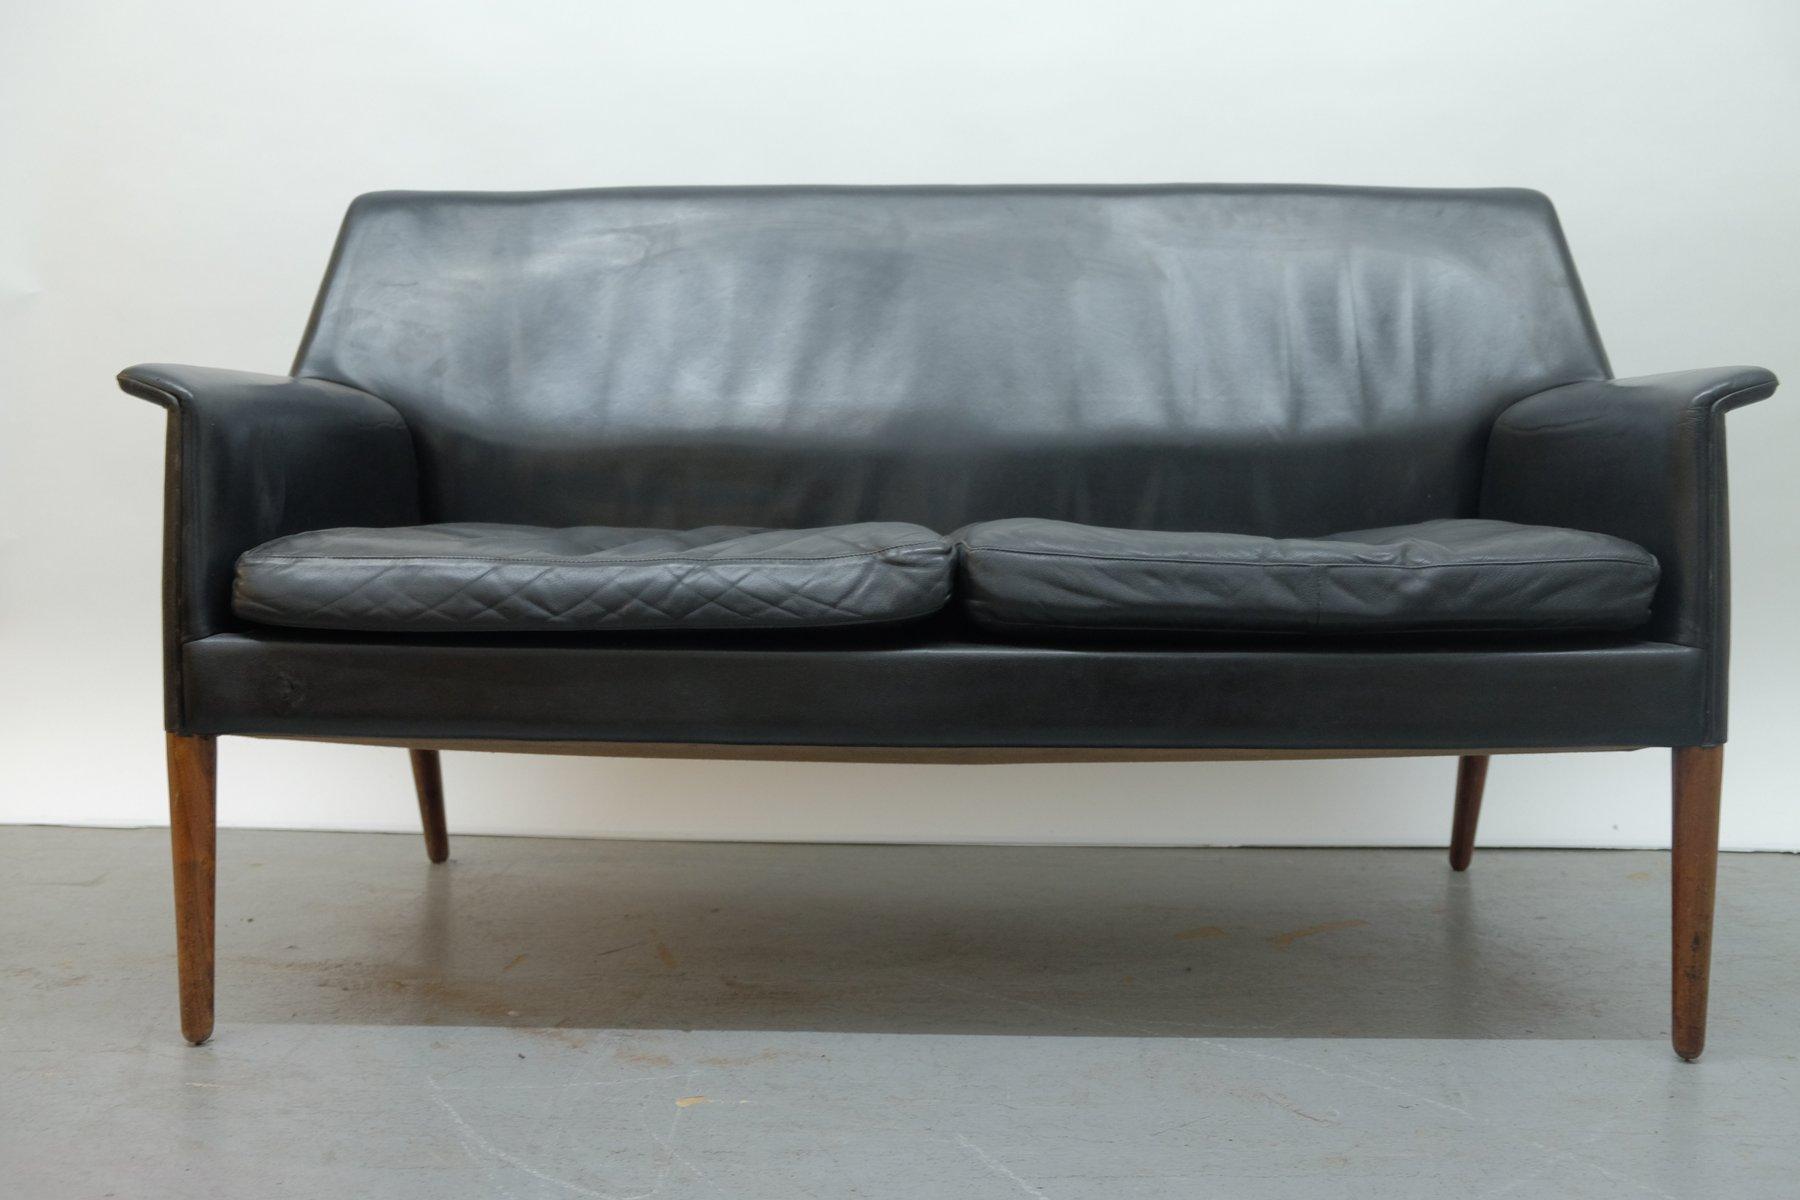 mid century sofa und sessel von ejnar larsen aksel bender bei pamono kaufen. Black Bedroom Furniture Sets. Home Design Ideas